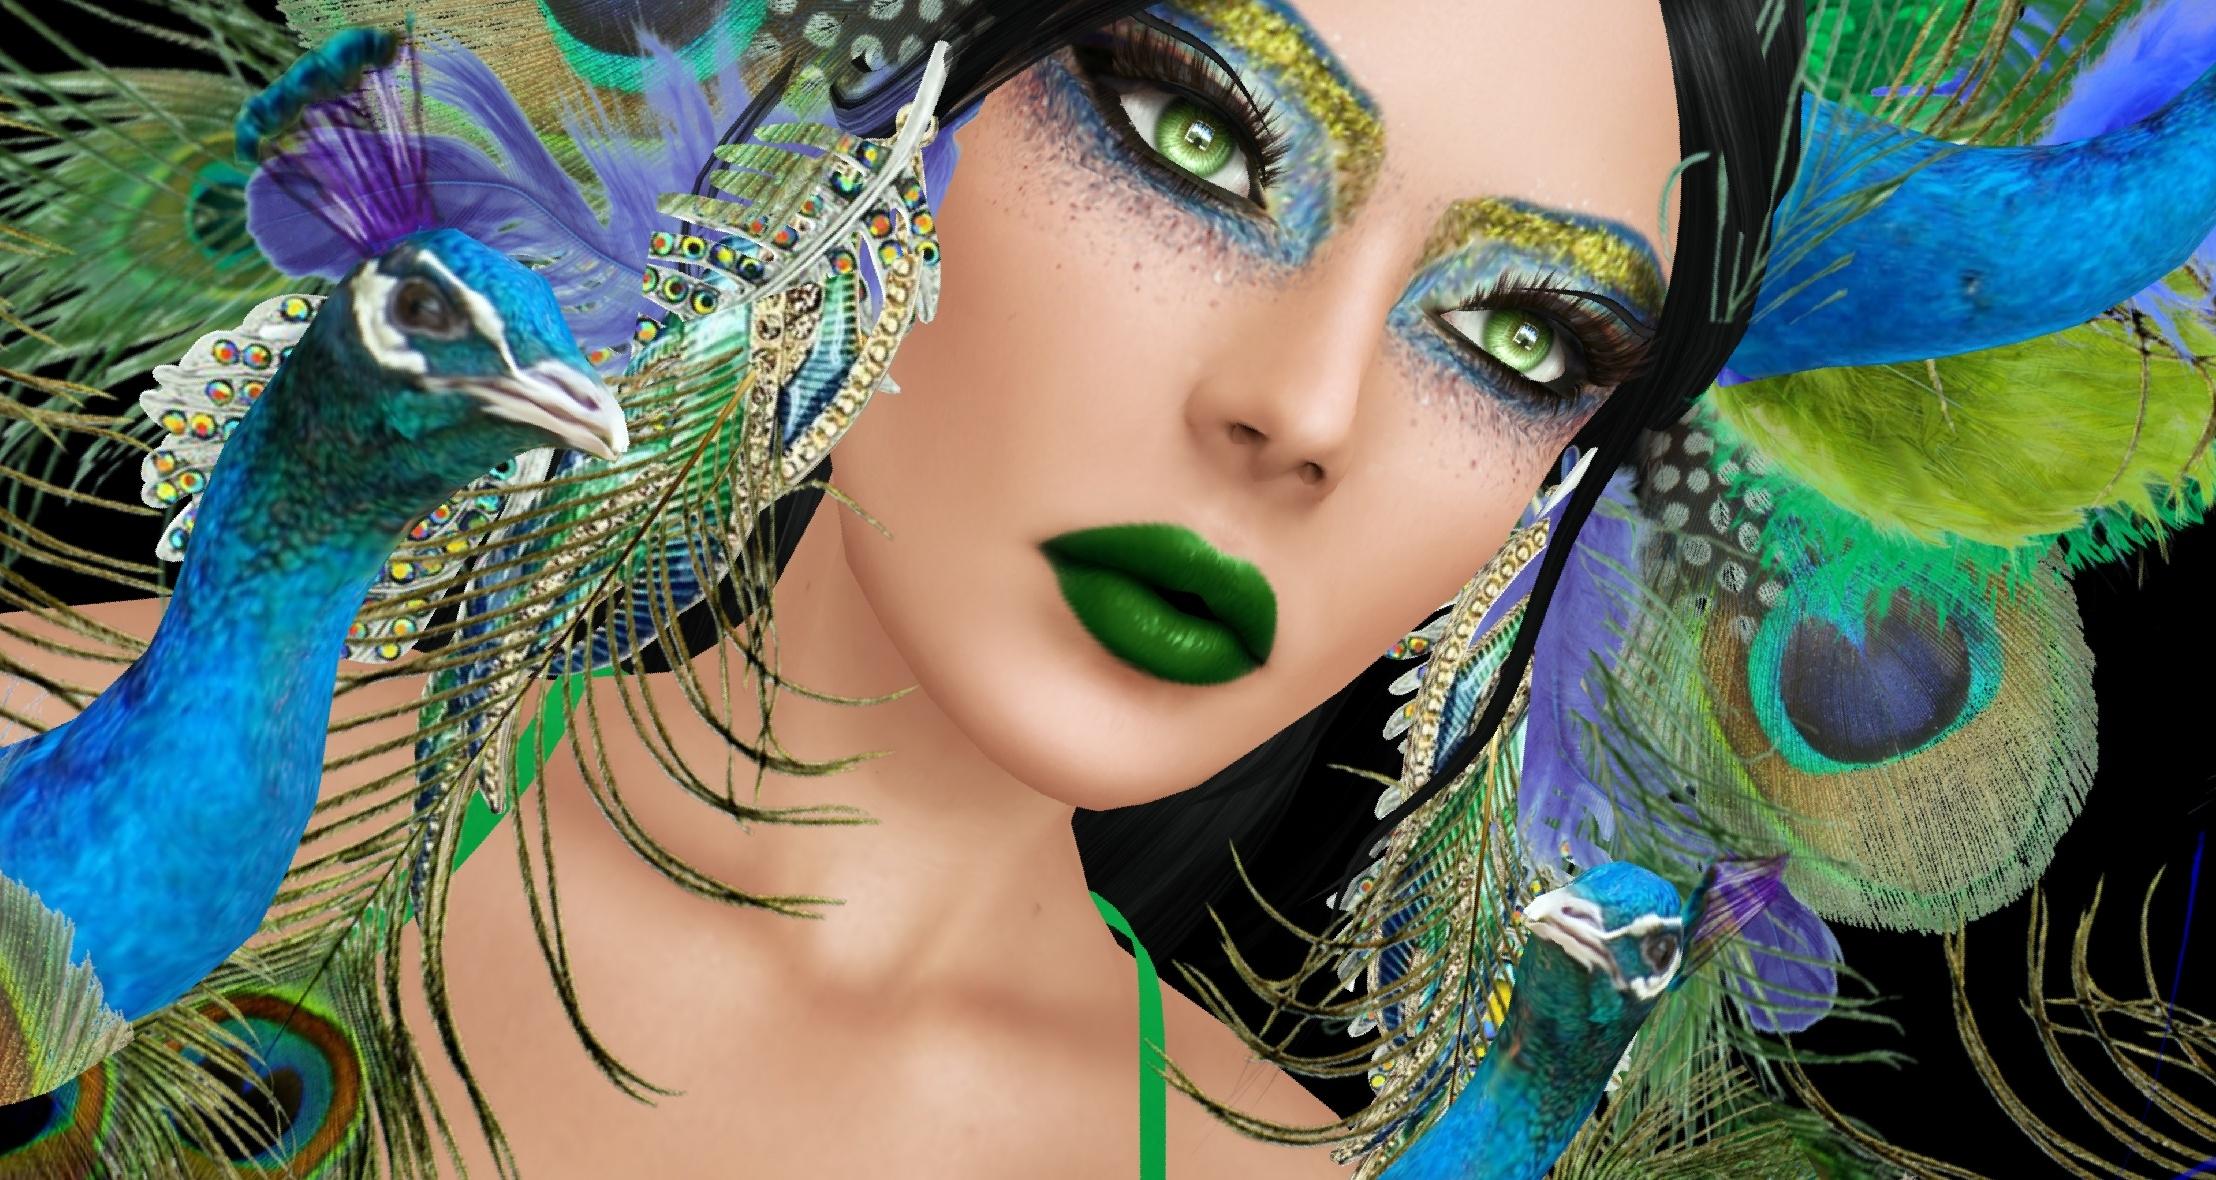 viso modello capelli neri 7 Carnevale ARTE bellezza Festival chiodo piuma  avvicinamento ciglio maschera d2dd0820ef35